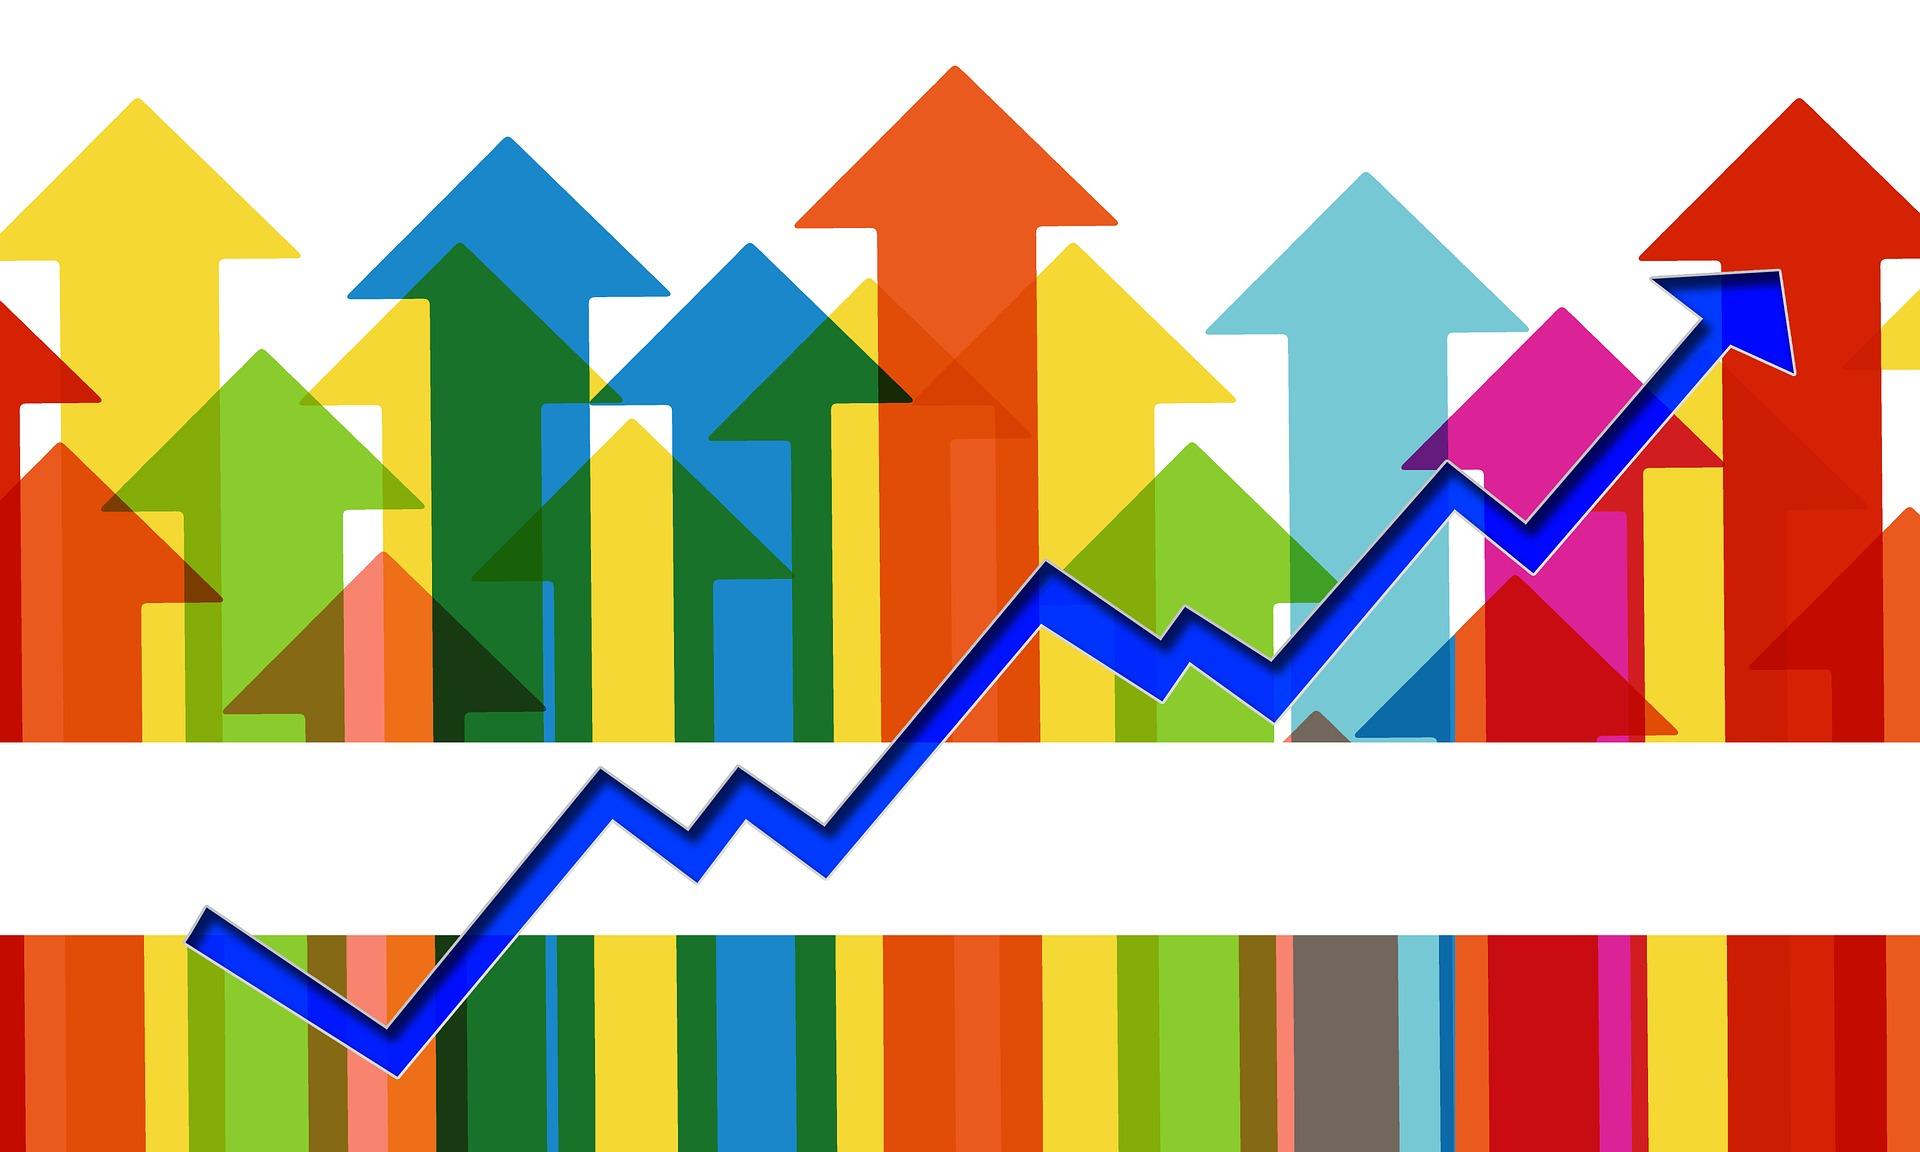 Die Betsson Group erwartet, dass ein schneller Umstieg vom Offline- auf das Onlinegeschäft das organische Wachstum des Unternehmens potenziell erhöhen und strategische Übernahmen erleichtern kann.